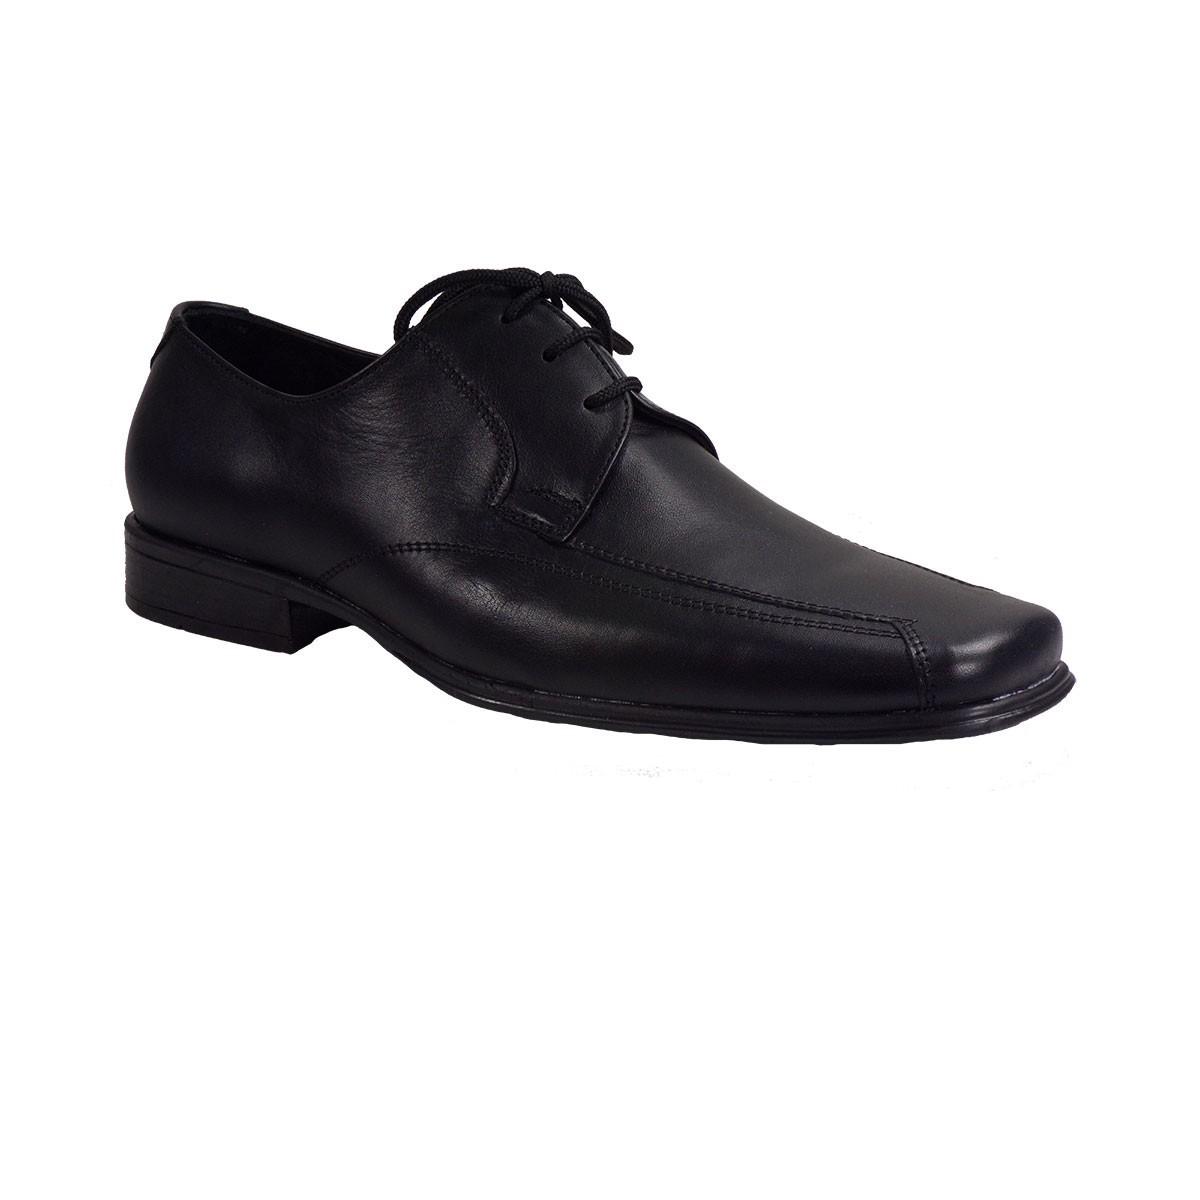 Vero Shoes Παπούτσια Αντρικά 75 Μαύρο Δέρμα